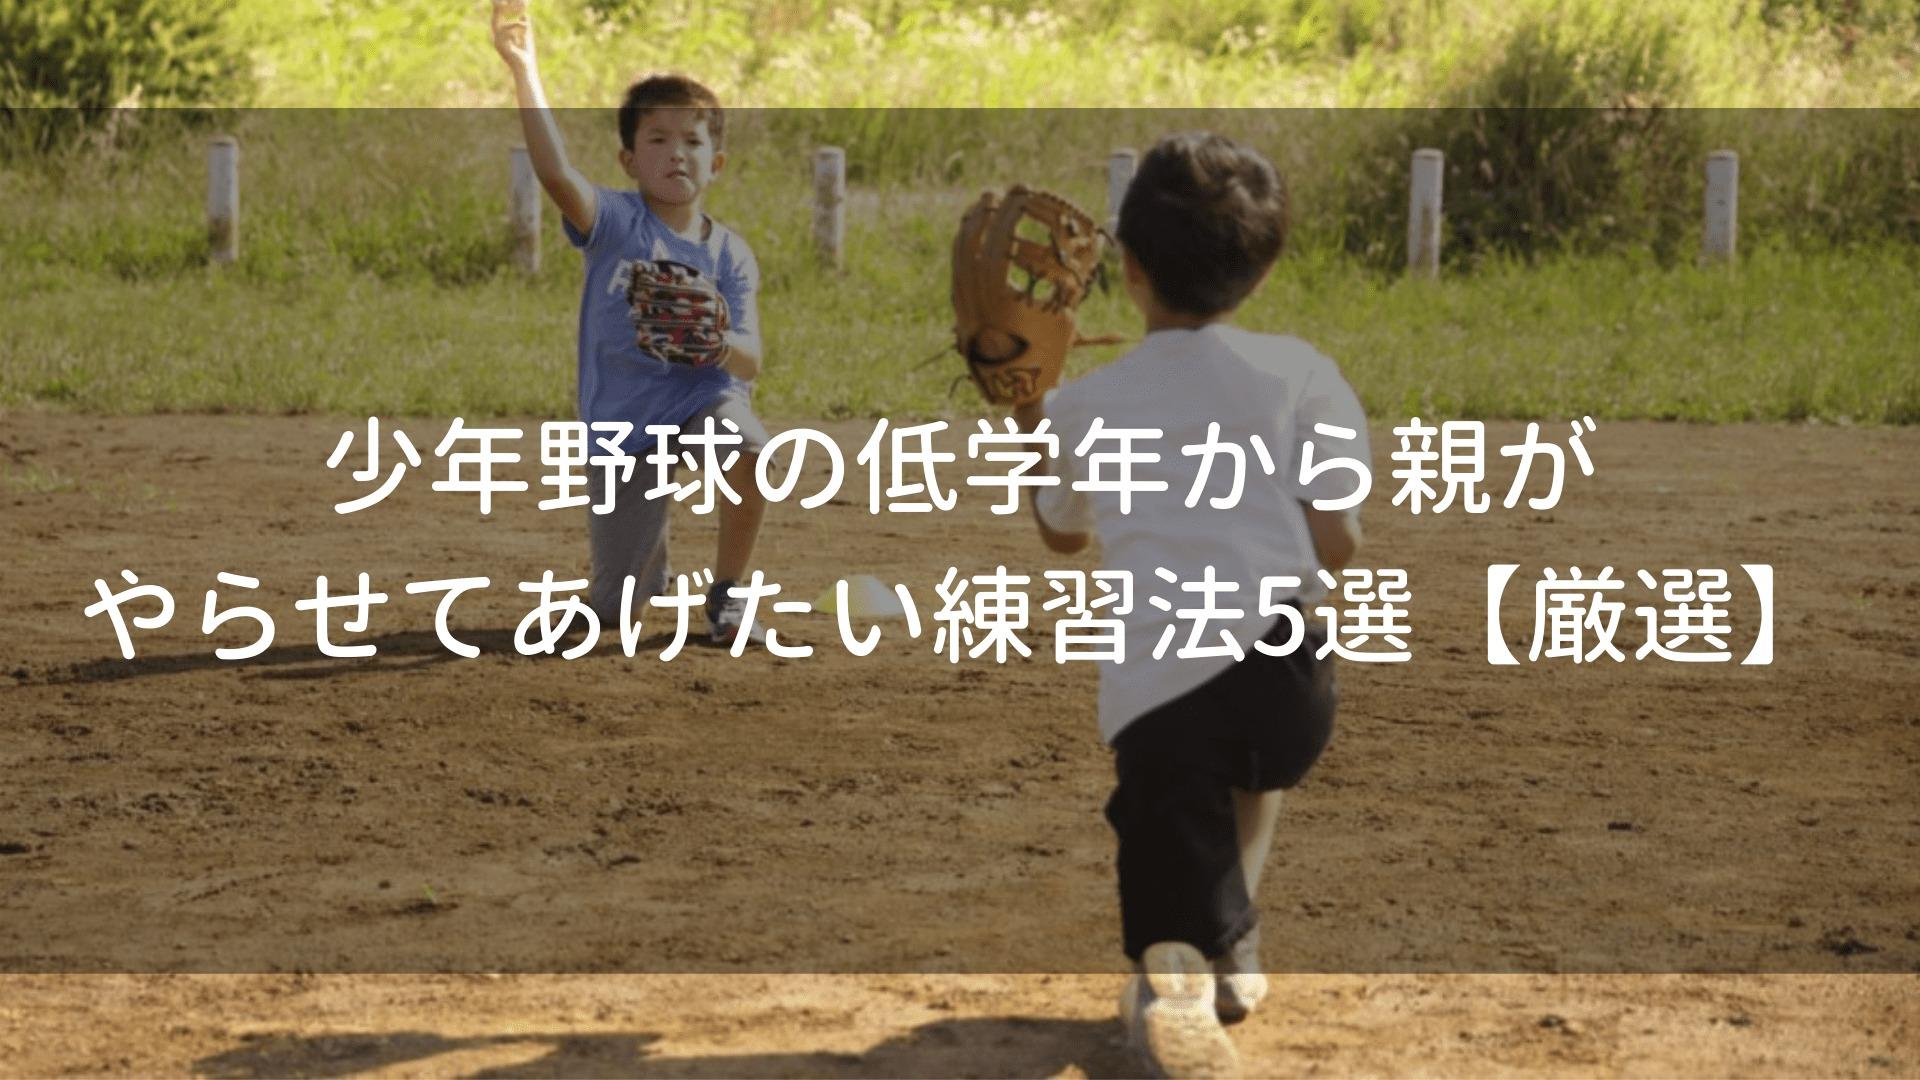 少年野球の低学年から親がやらせてあげたい練習法5選【厳選】のアイキャッチ